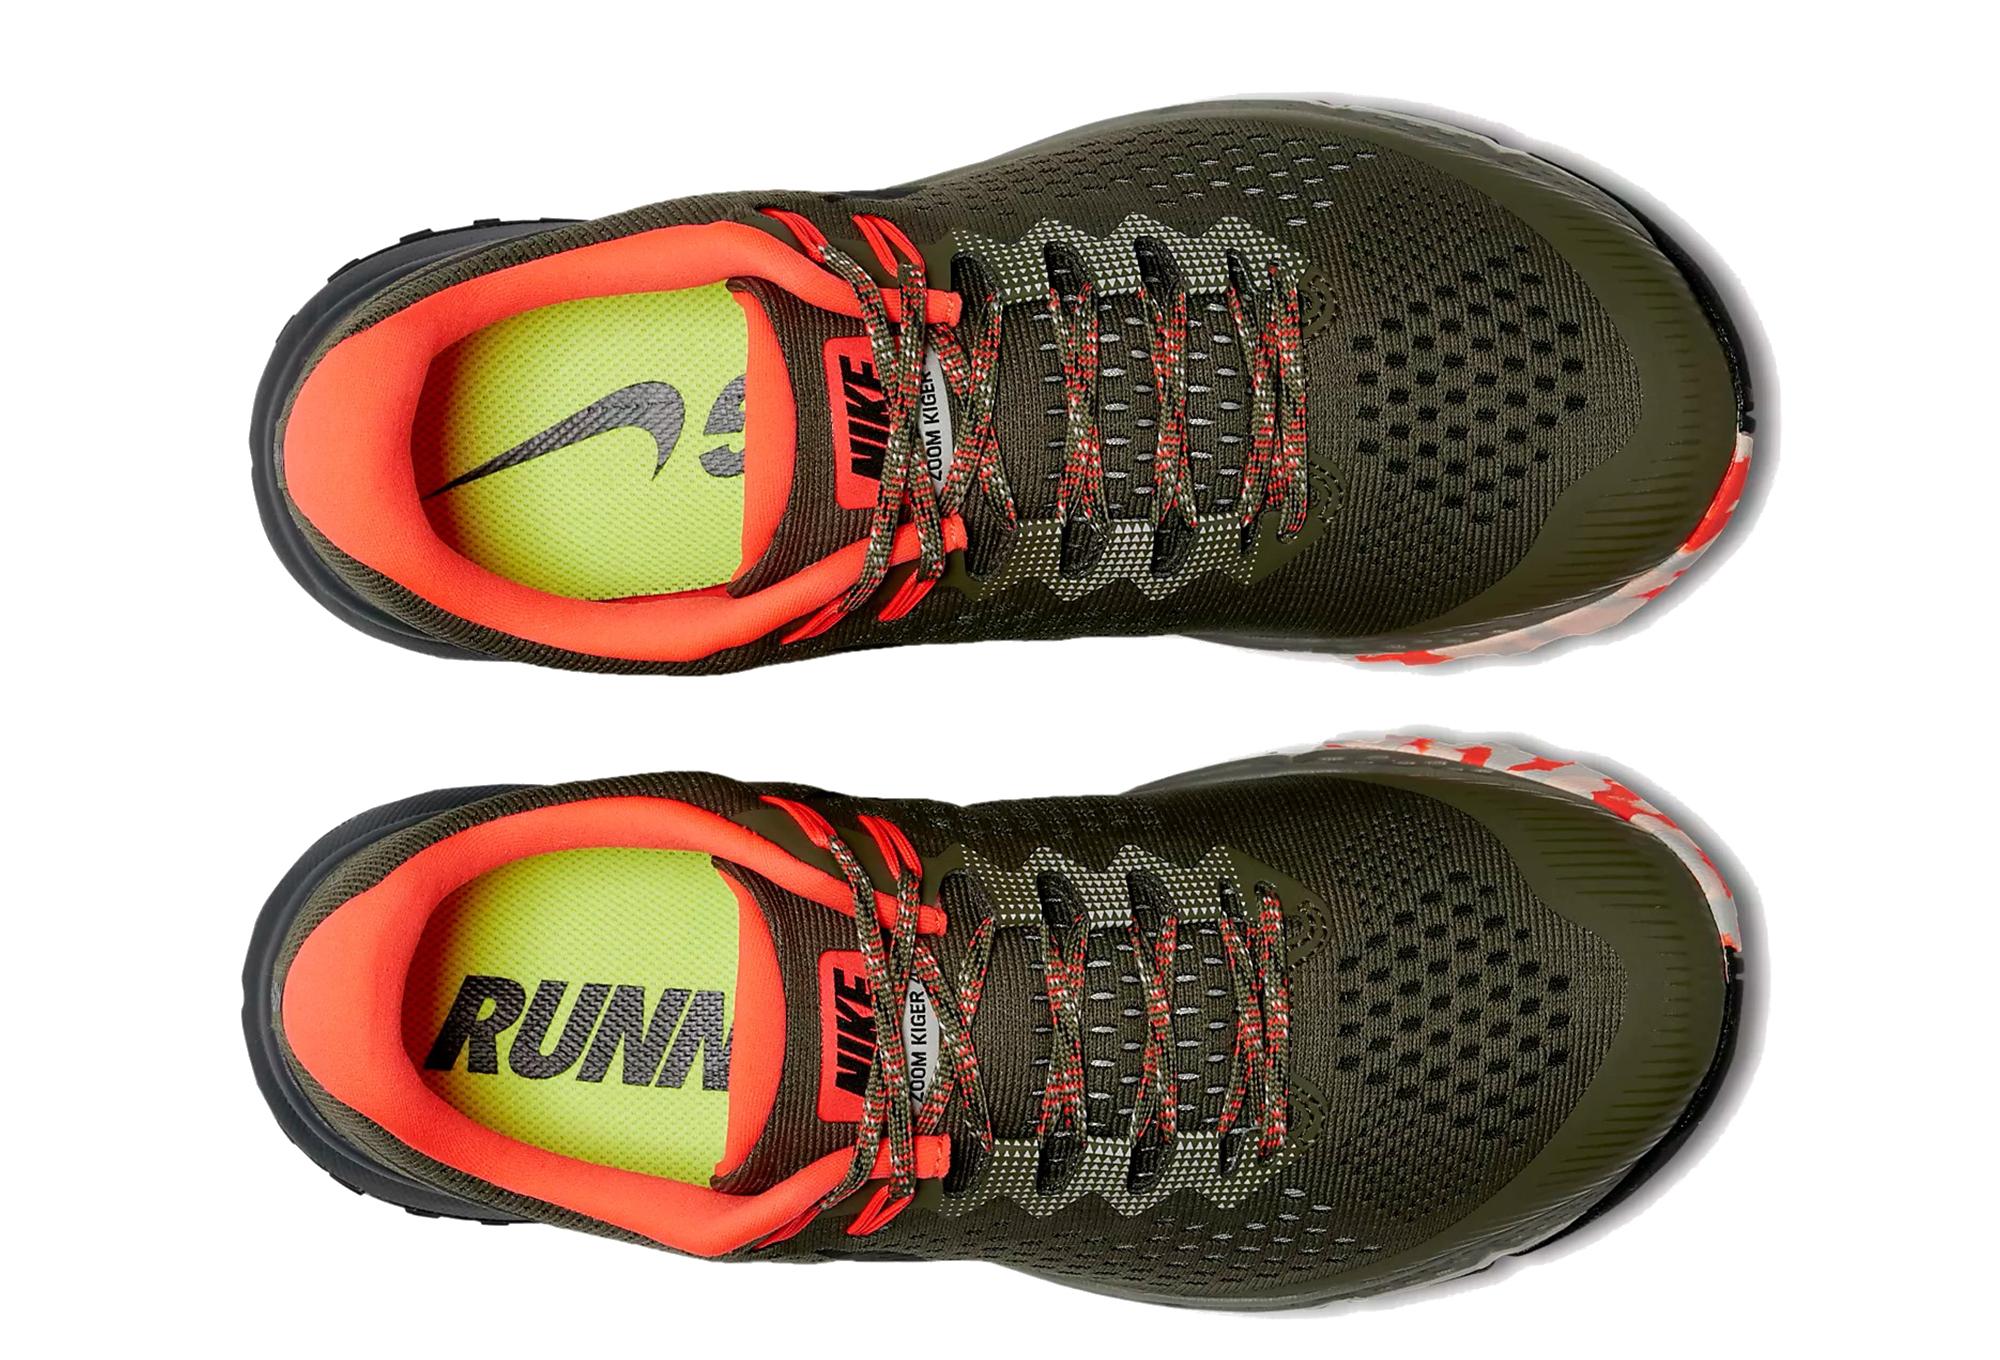 cheaper 4fe7a 59610 Chaussures de Trail Nike Air Zoom terra Kiger 4 Kaki